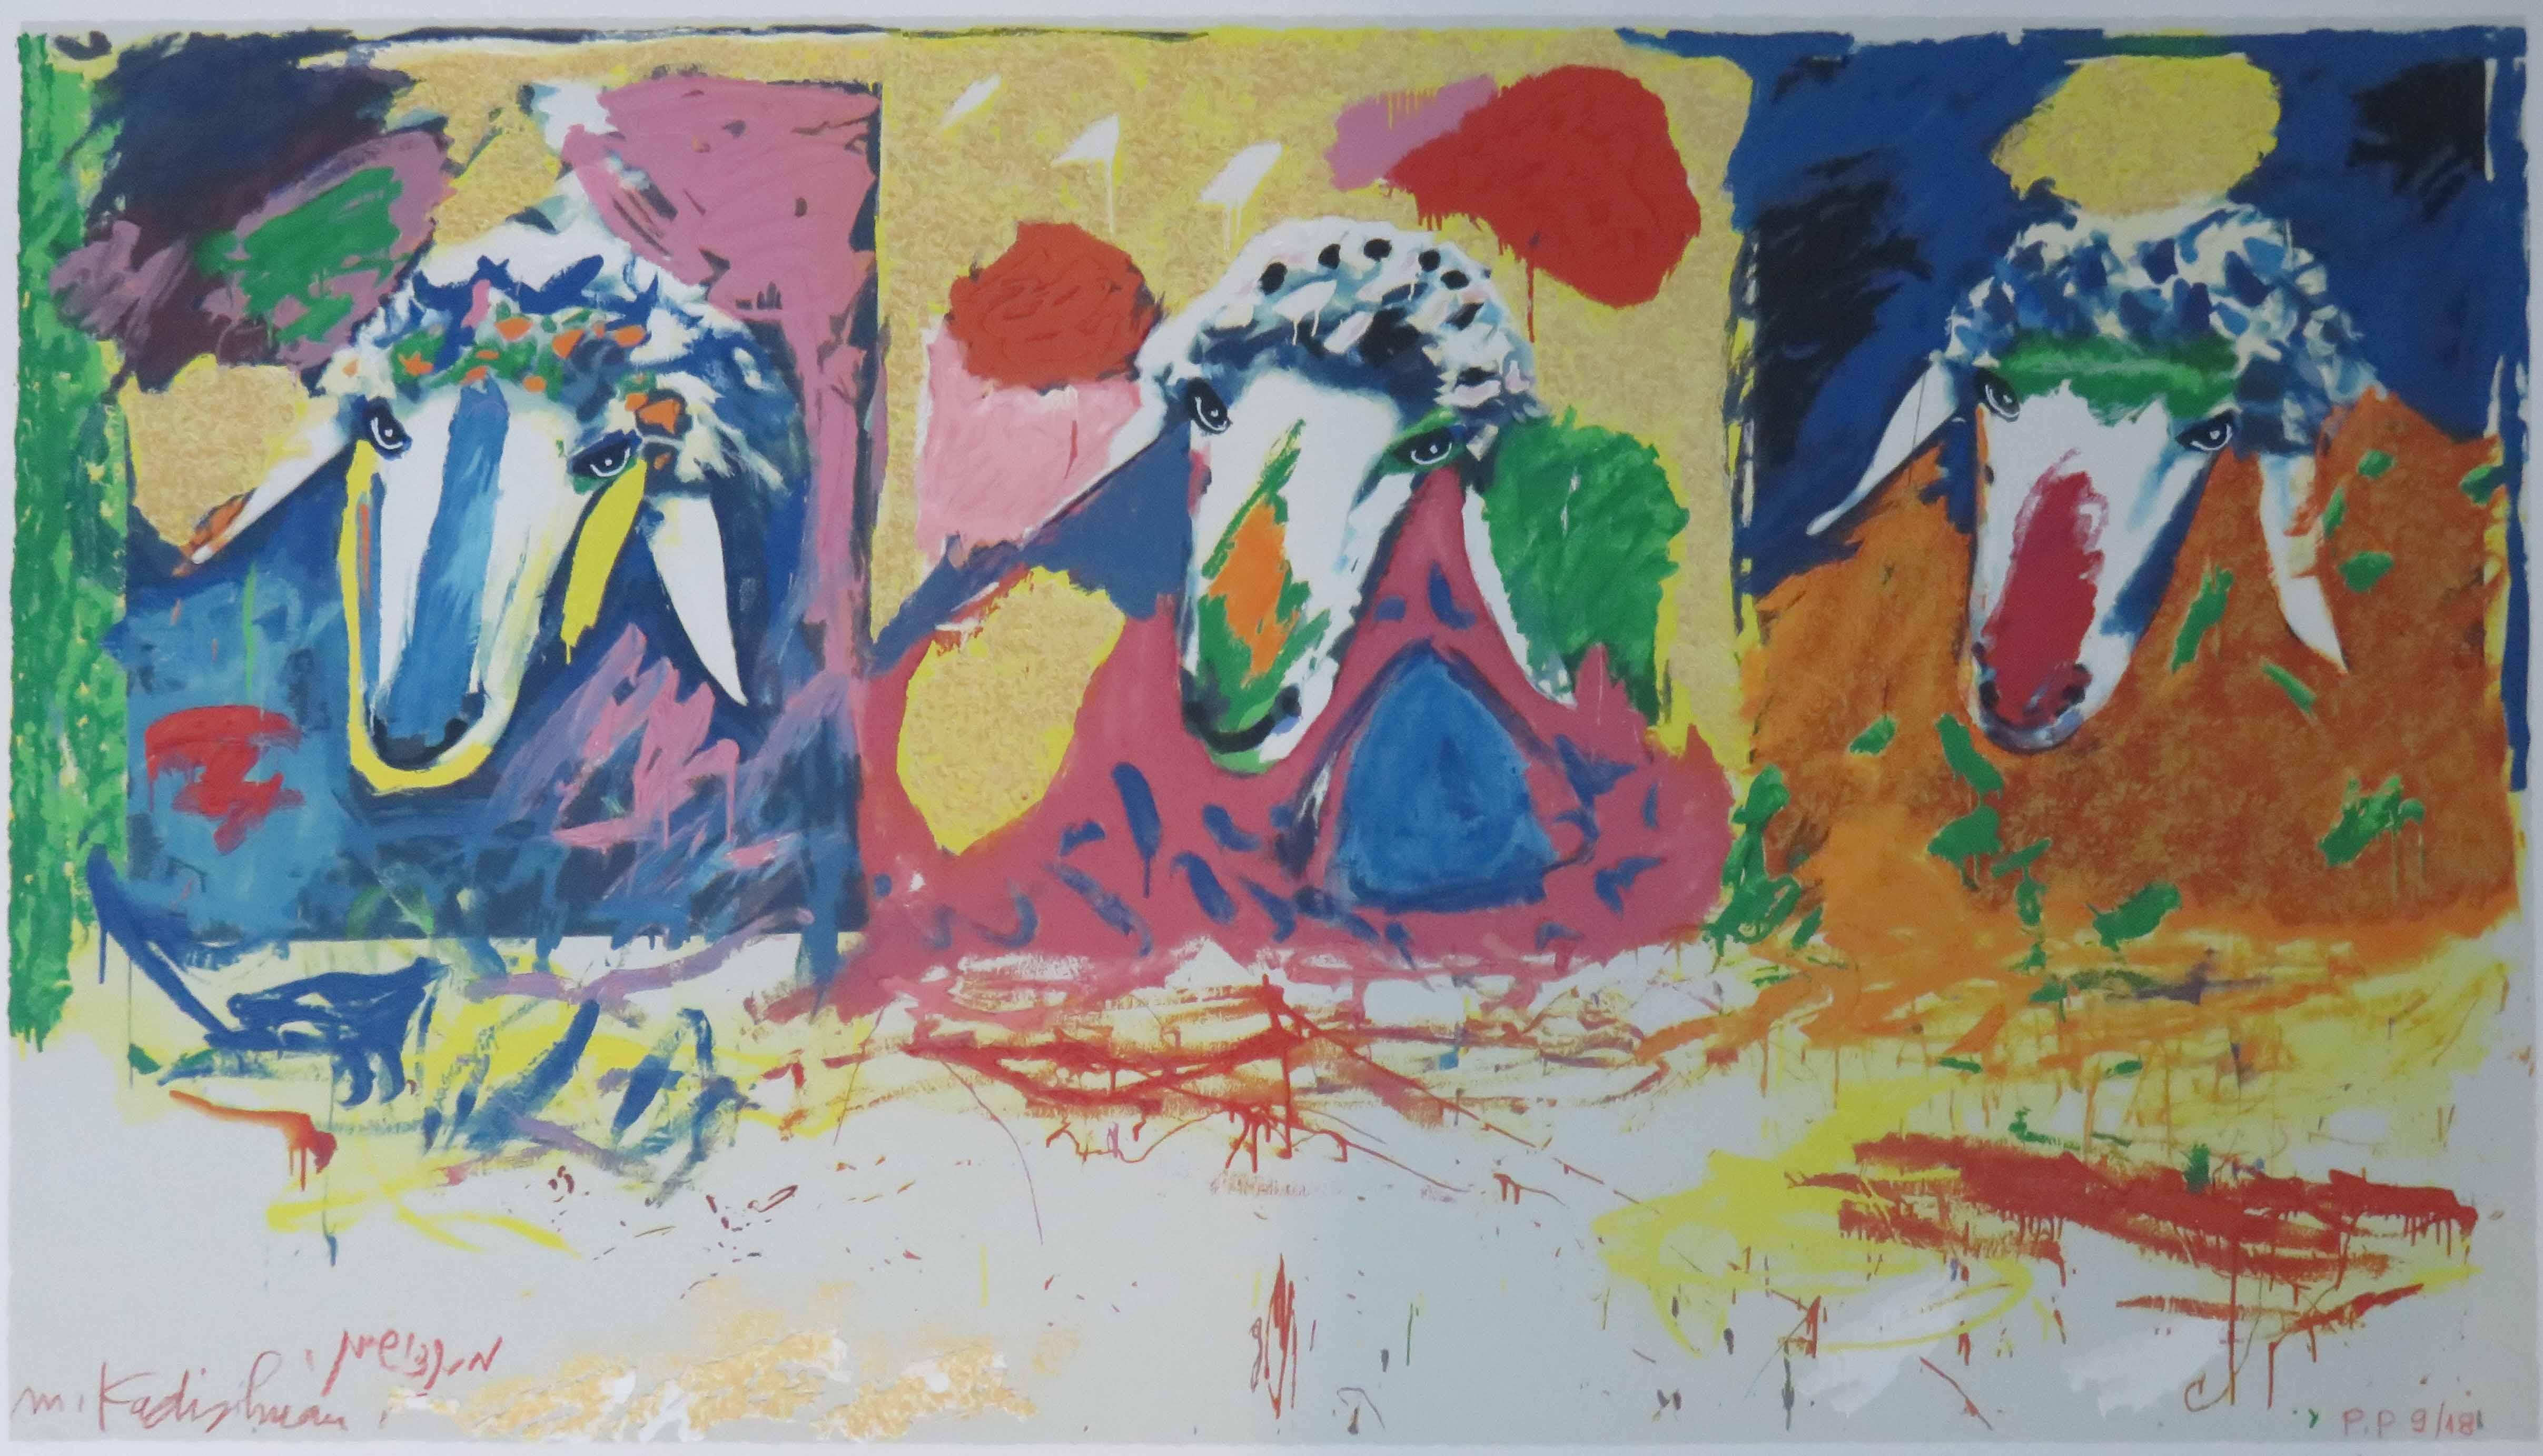 תוספת מנשה קדישמן - שלוש כבשים בזהב - ליטוגרפיה למכירה - הגלריה און ליין VJ-98